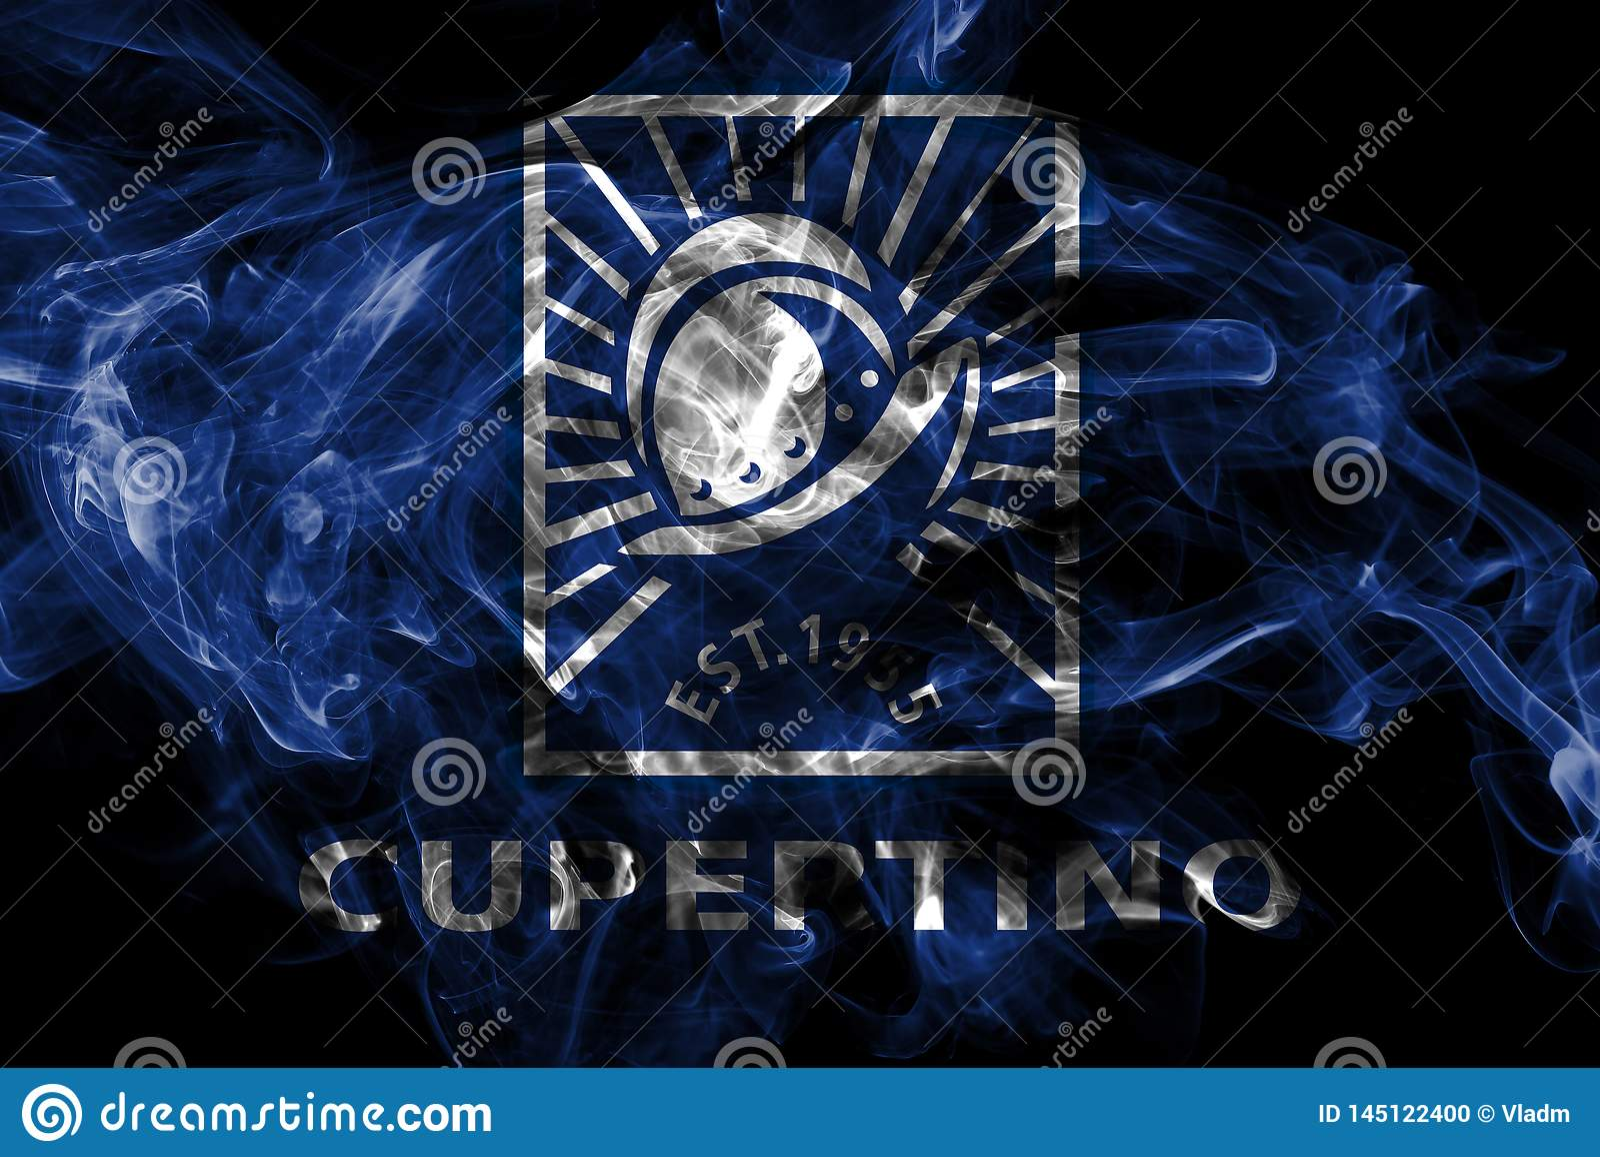 Флаг задымления городов Cupertino, государство Калифорния, Соединенные Штаты Америки